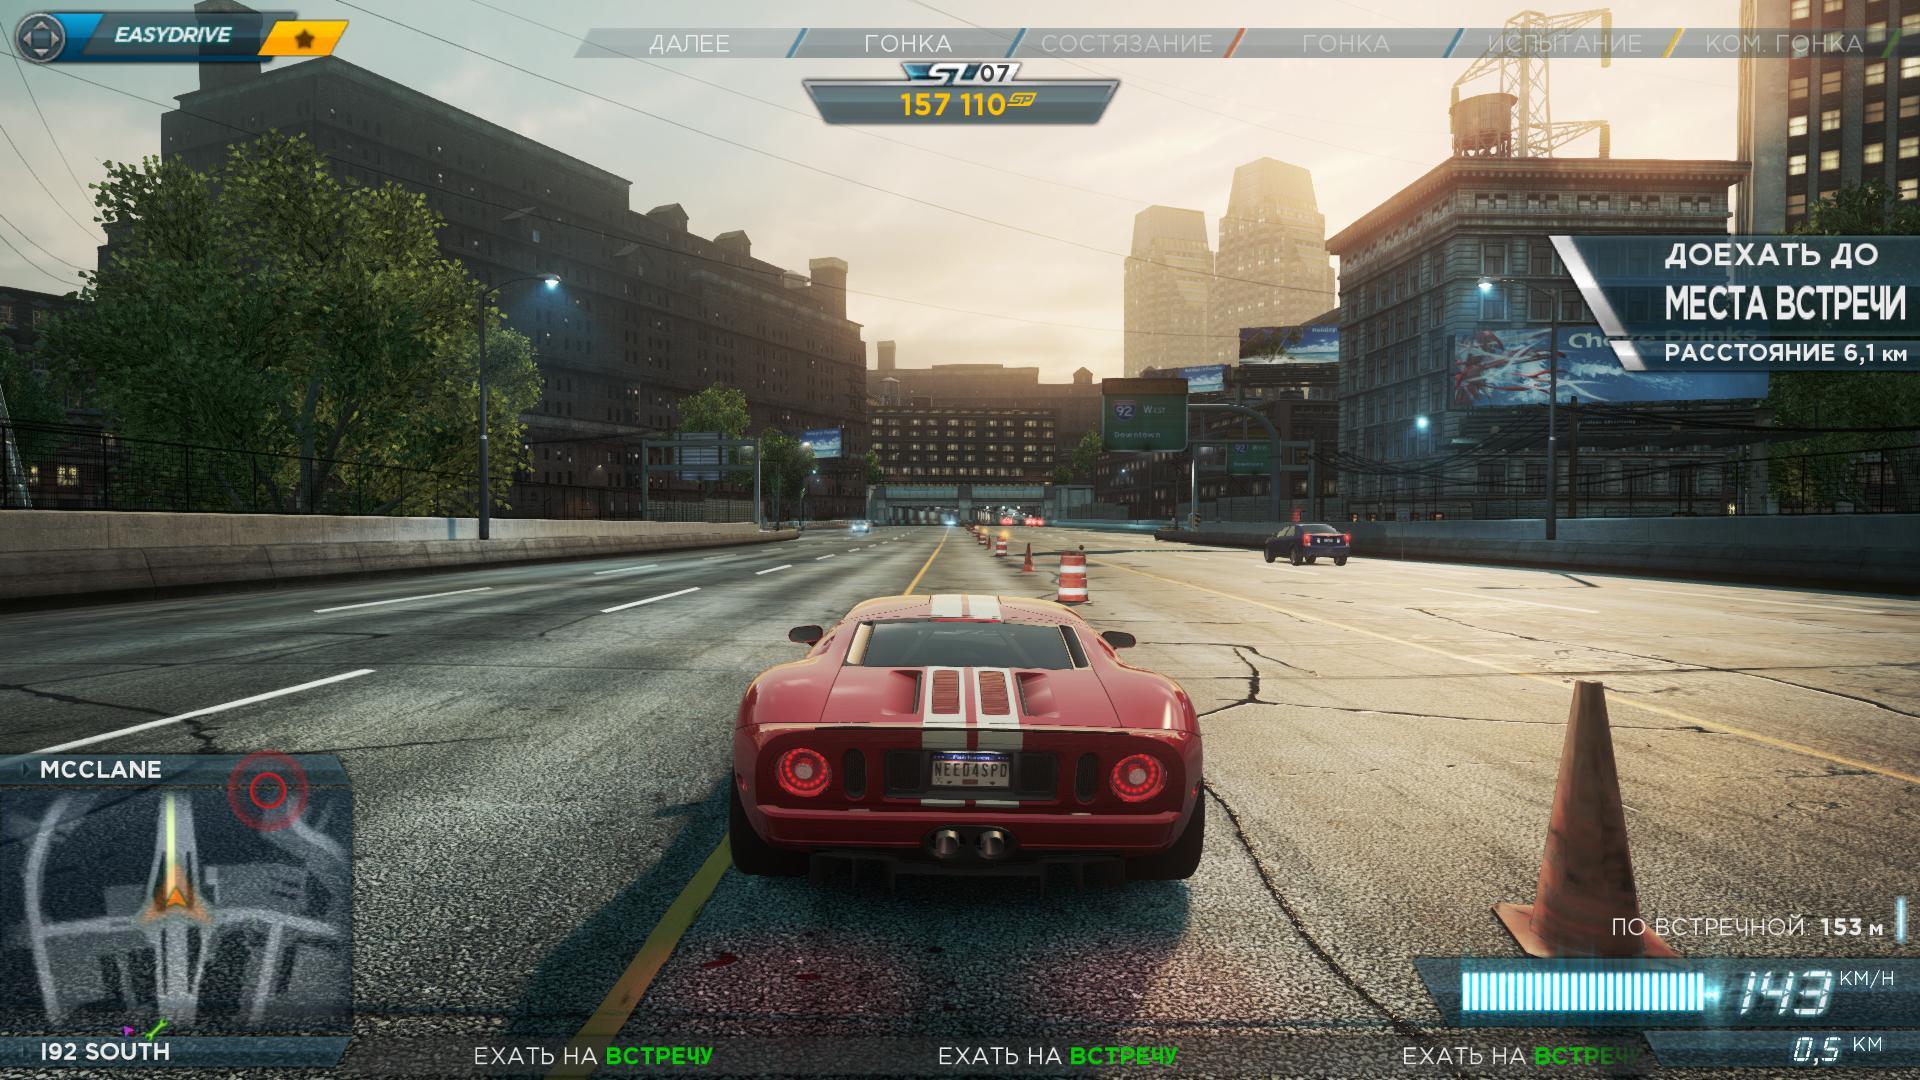 Обновленная Need for Speed: Most Wanted – это, безусловно, одна из самых сложных игр для рецензирования за последние ... - Изображение 2